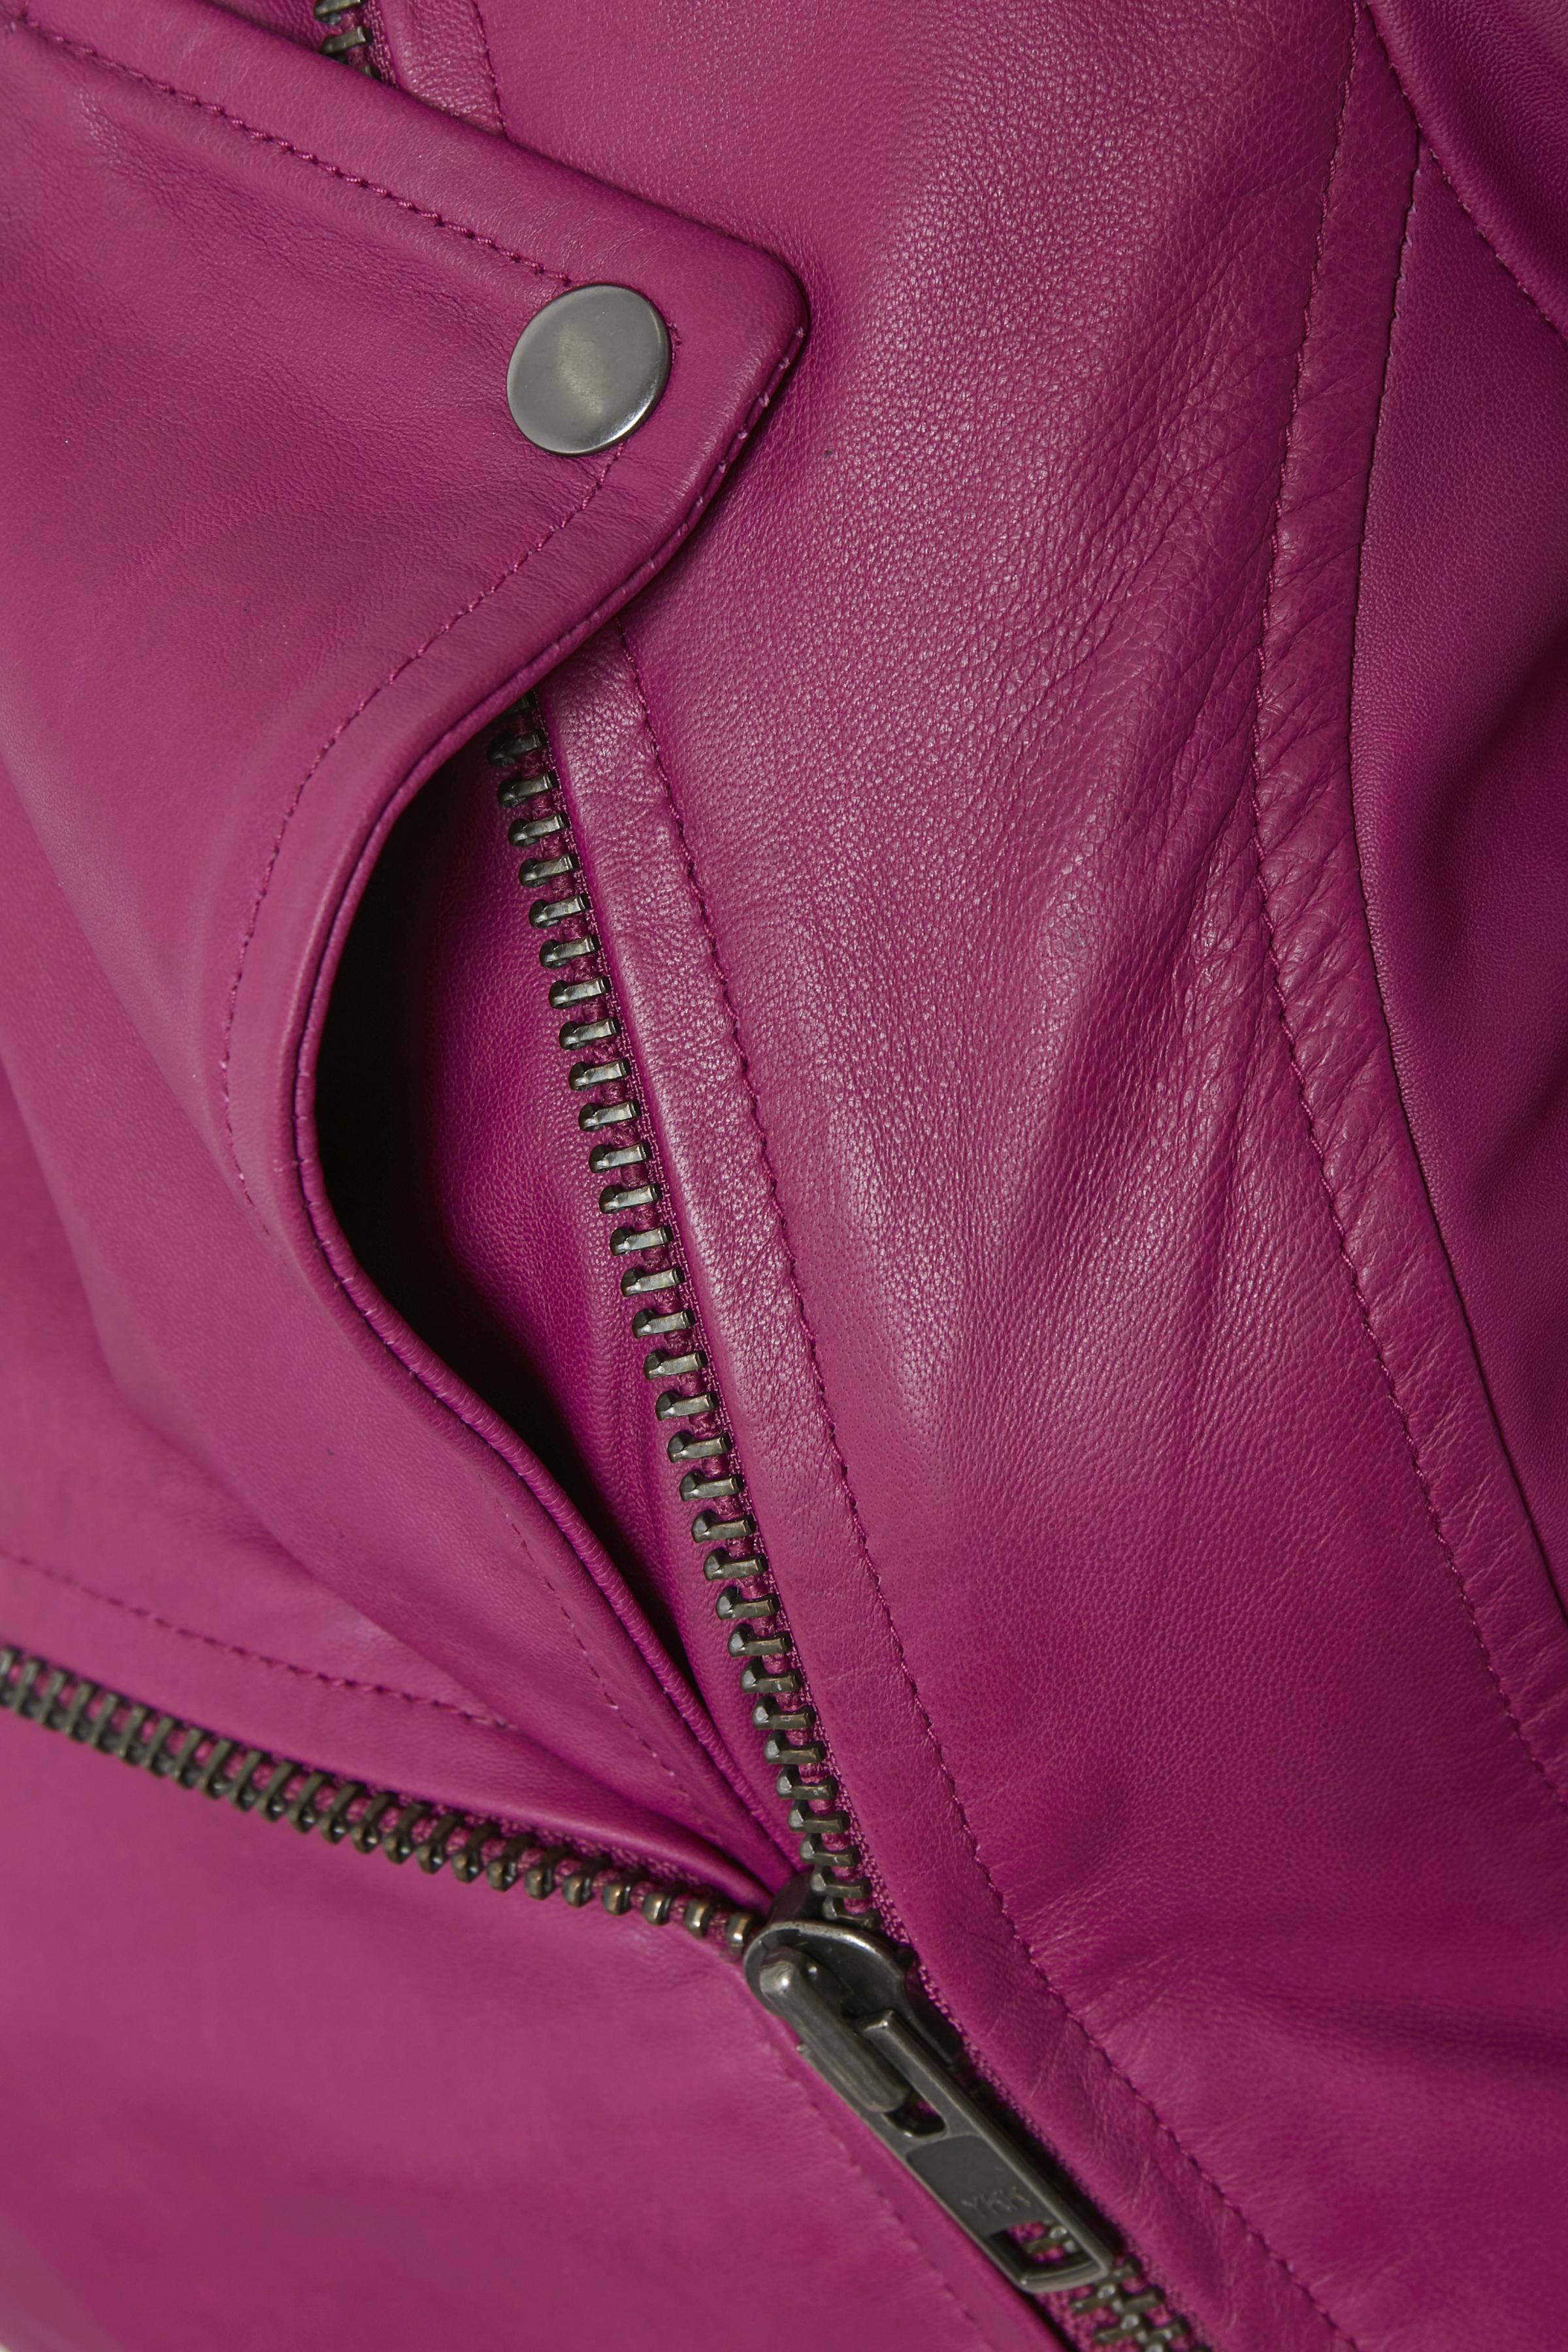 Dunkel fuchsia Lederjacke von Dranella – Shoppen Sie Dunkel fuchsia Lederjacke ab Gr. 34-46 hier